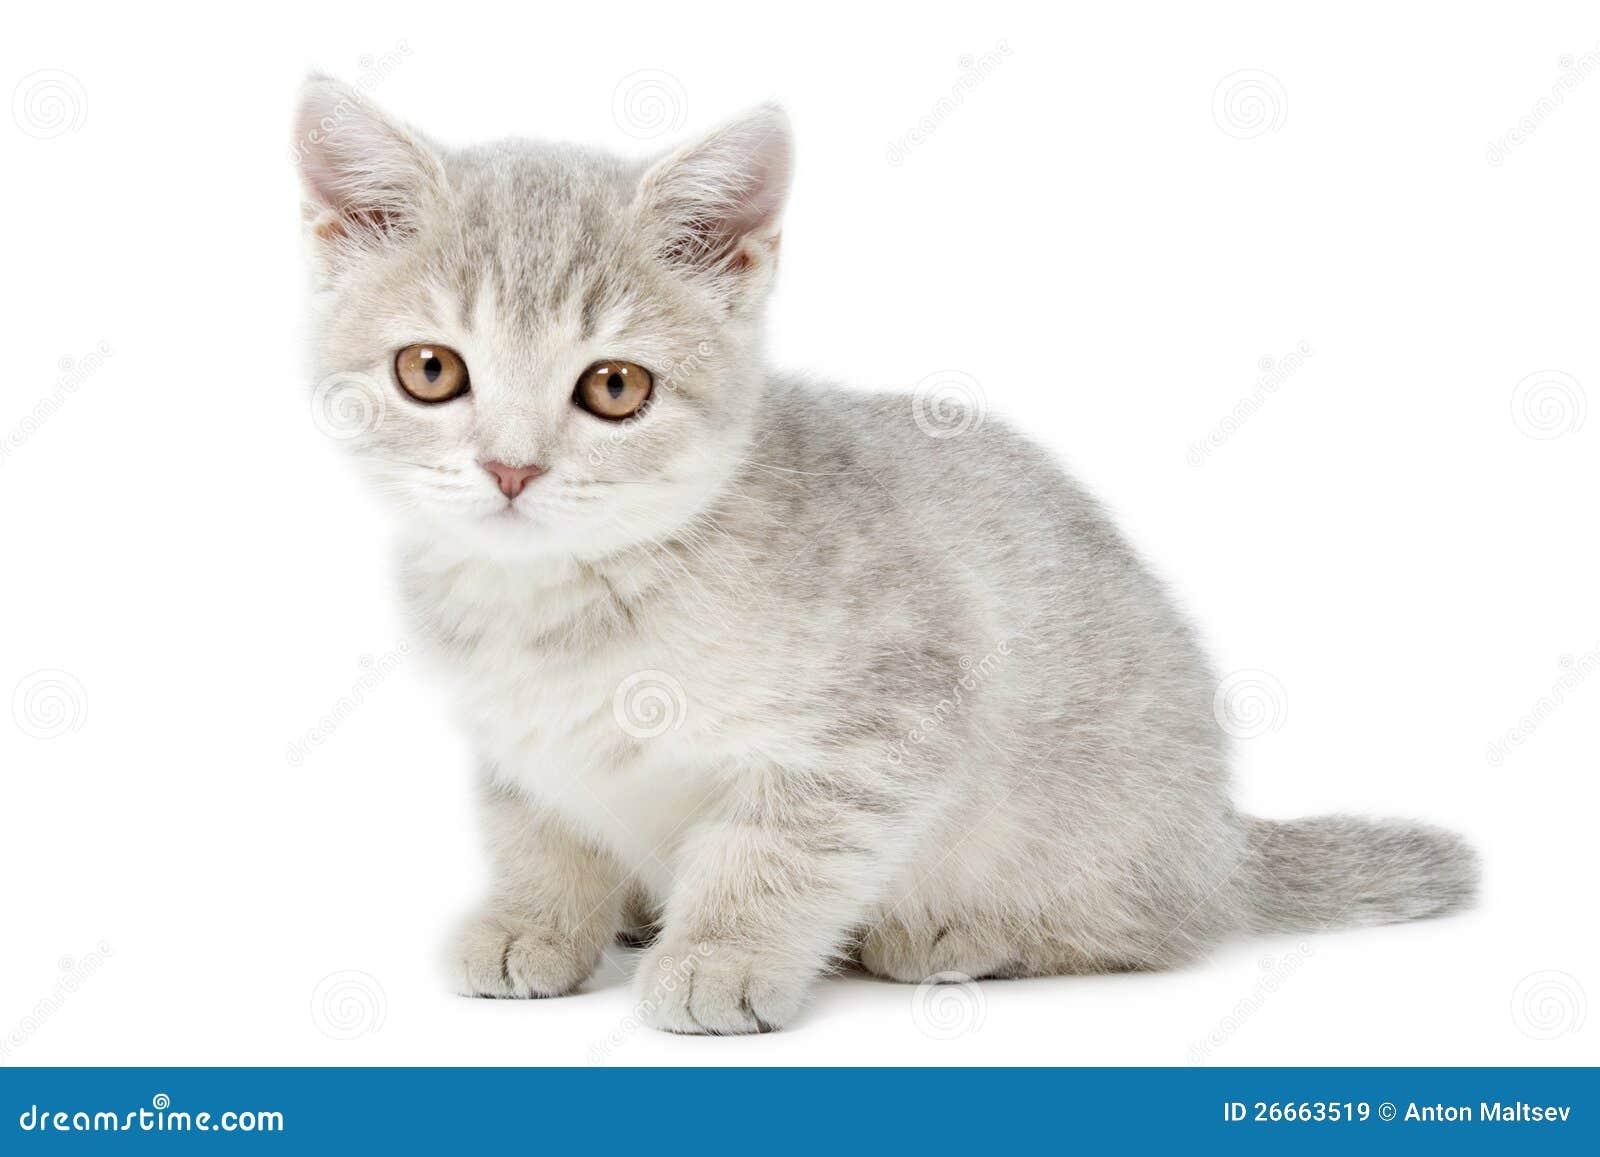 Uitgelezene Scottish Straight Kitten On White Stock Image - Image of studio ZG-75